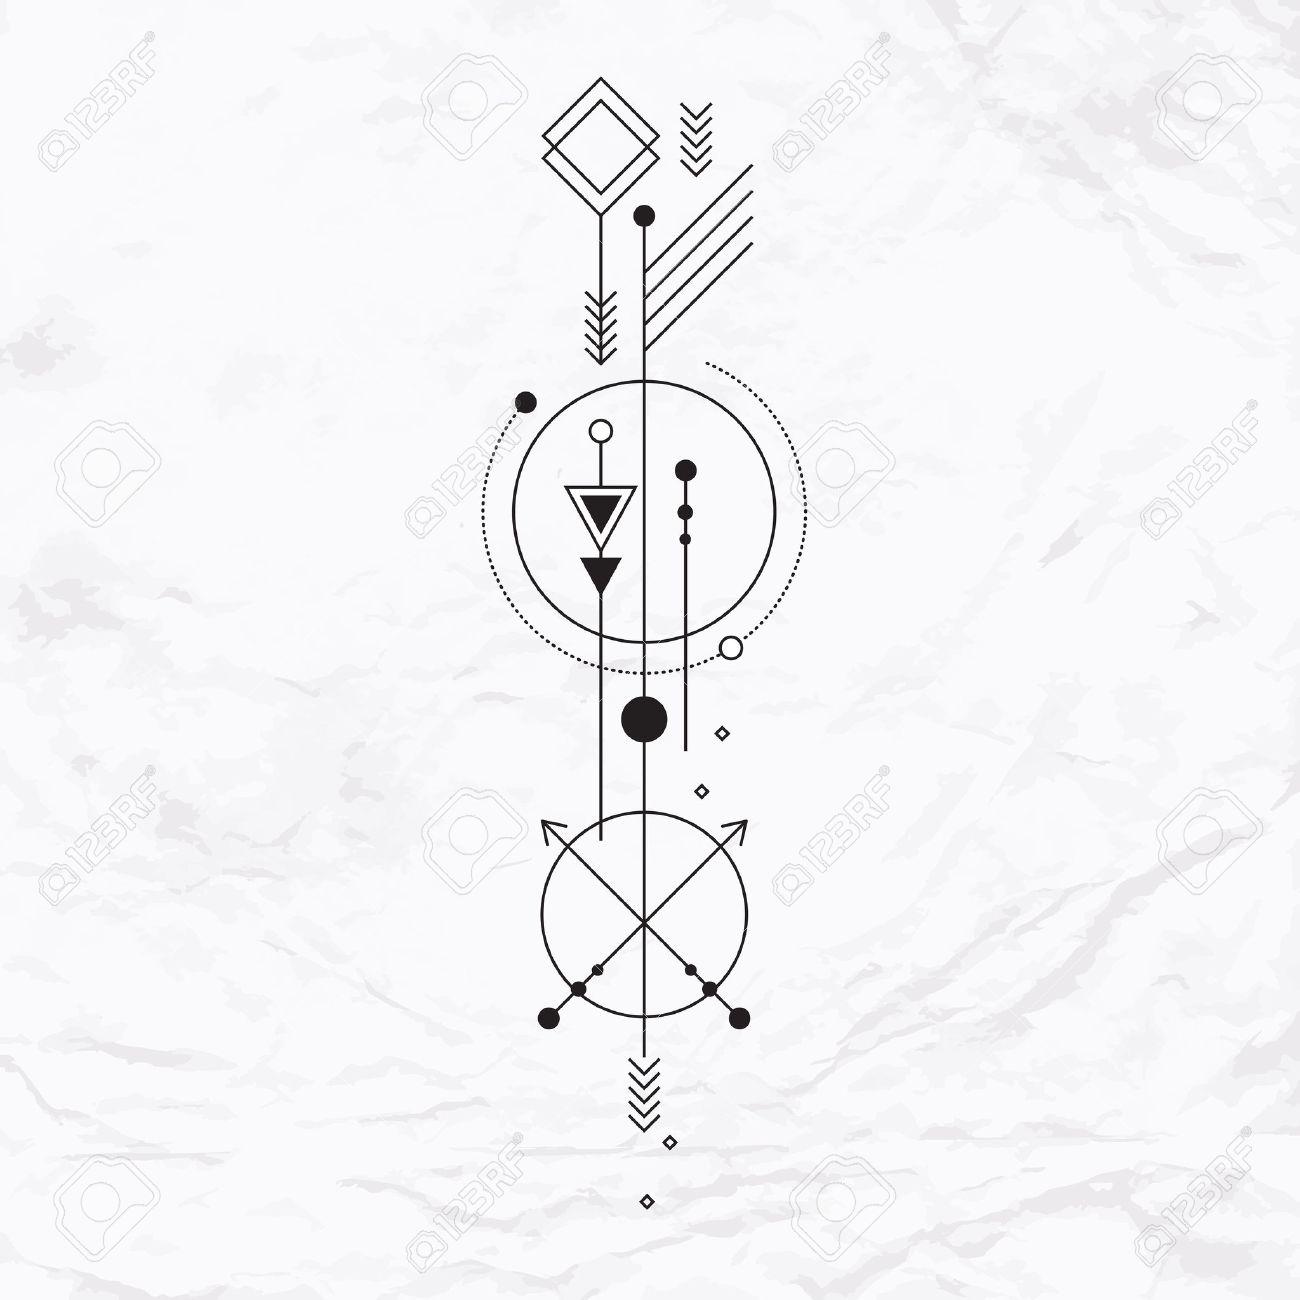 Signo Místico Abstracto Con Formas Geométricas Triángulos Galones